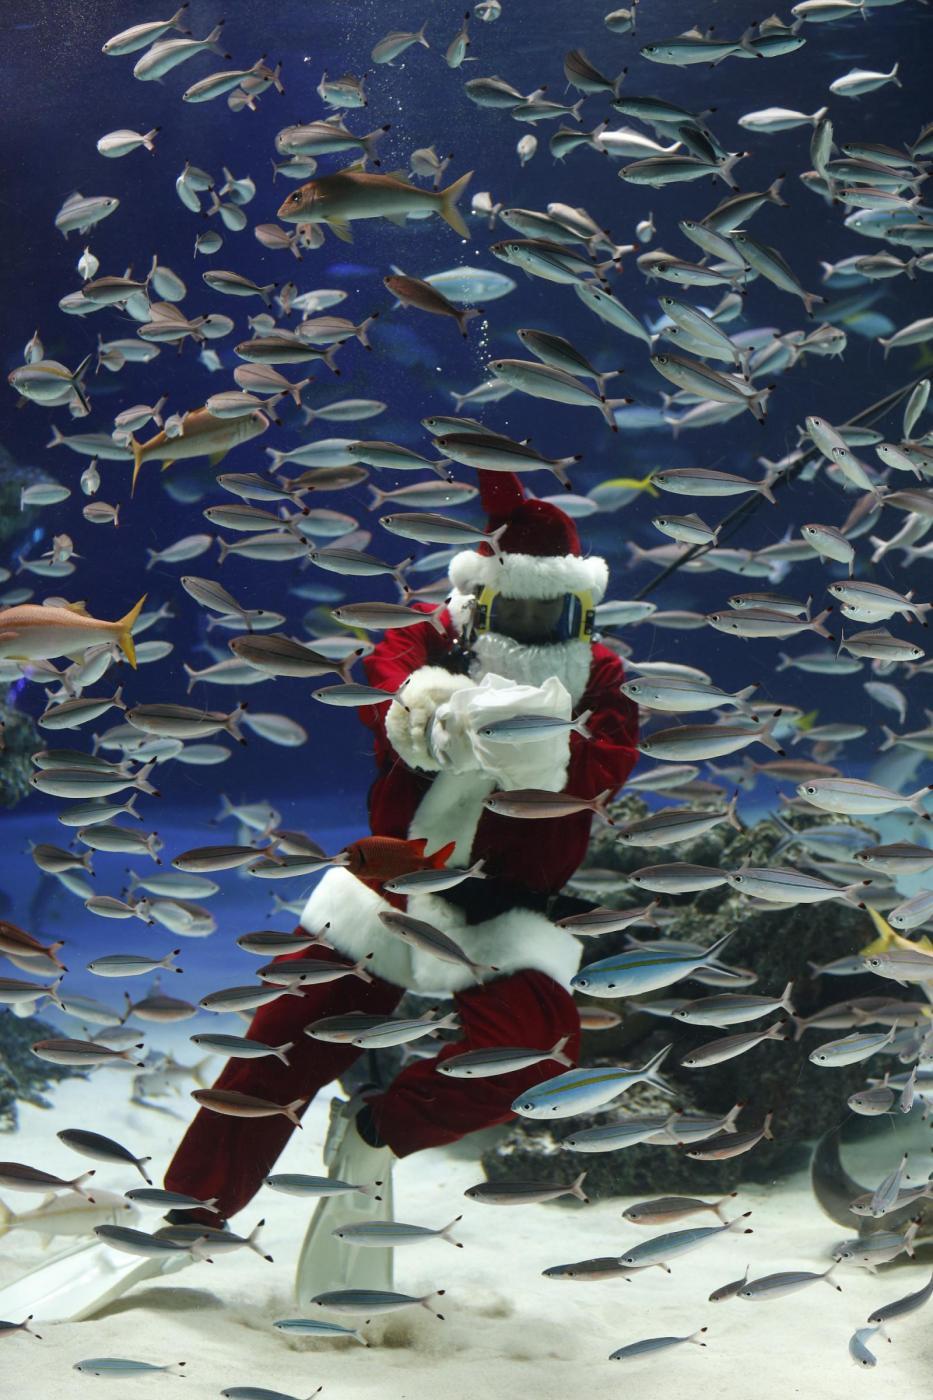 Babbo Natale versione sub all'acquario di Tokyo03